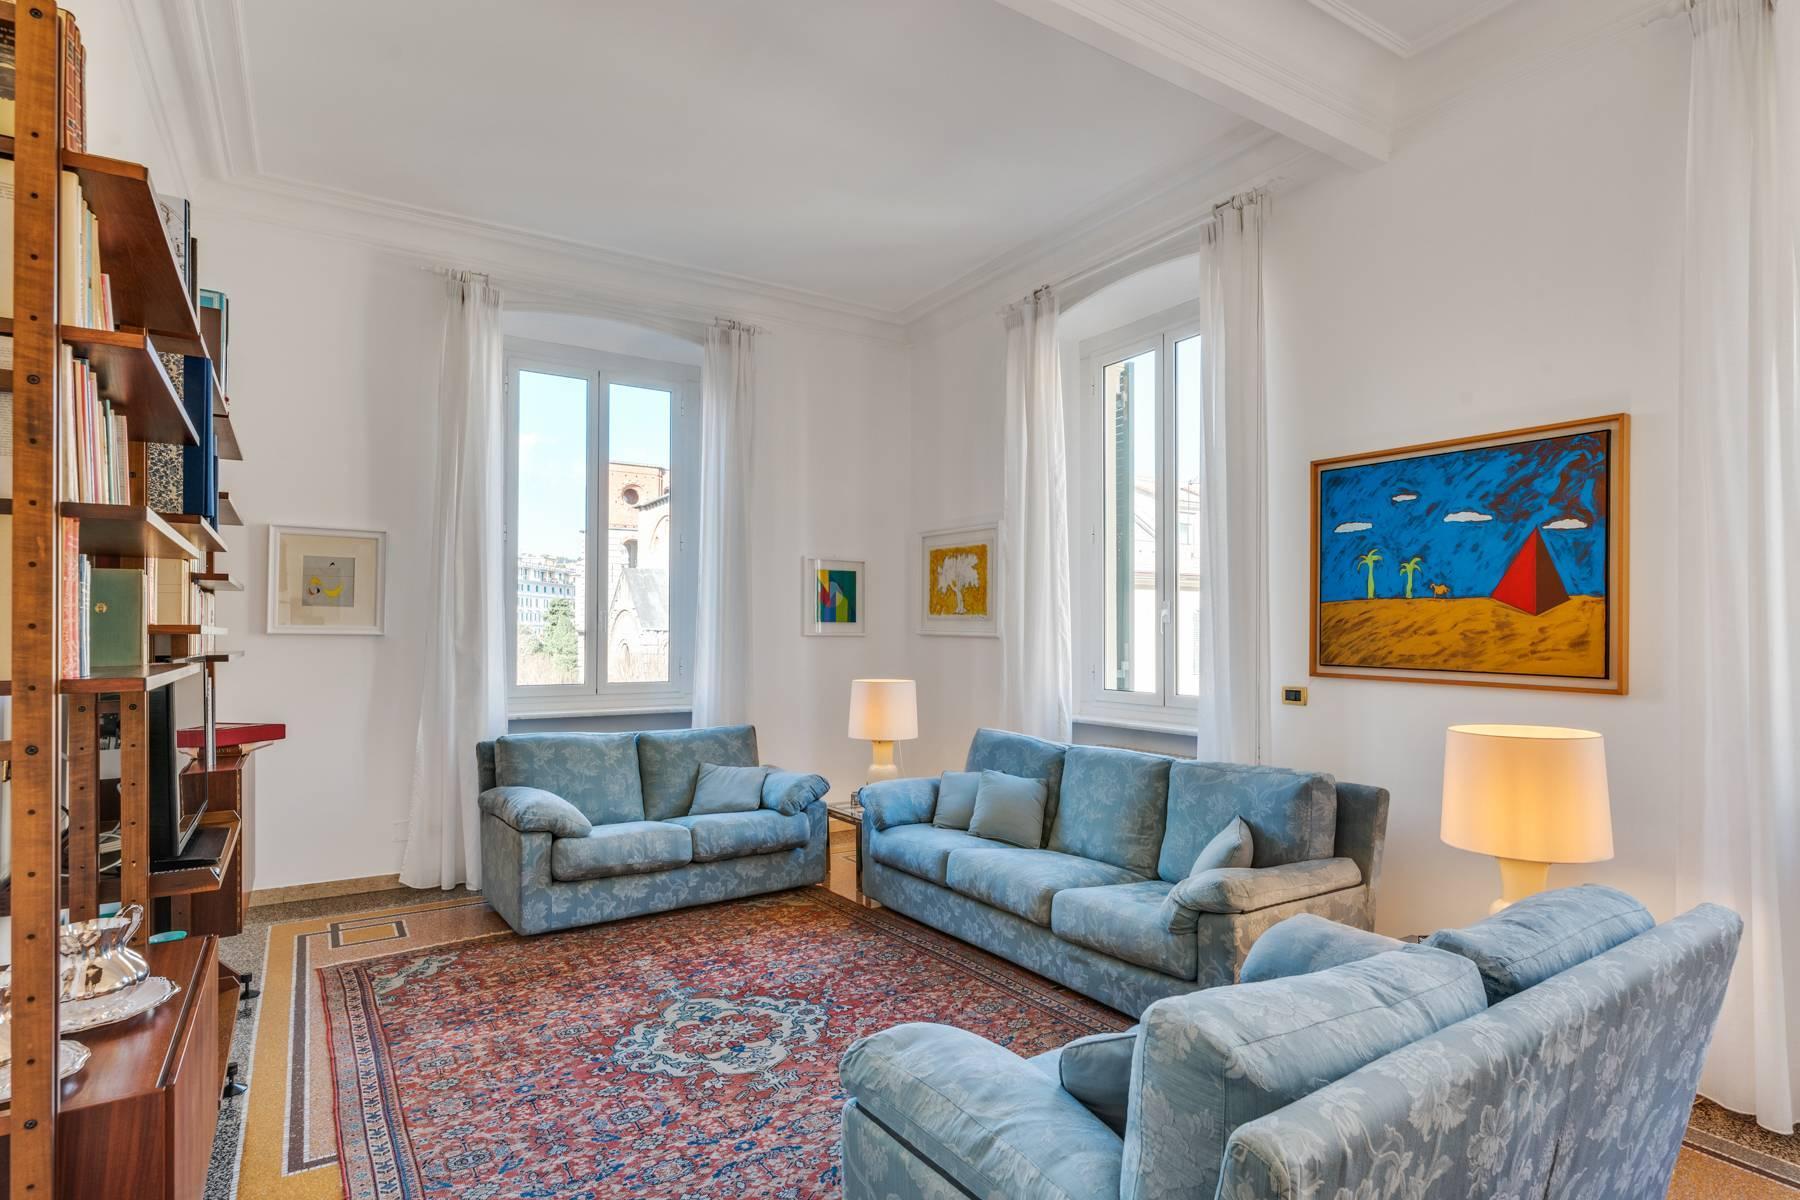 Elegante 275 qm Wohnung im antiken Palast in Carignano - 10